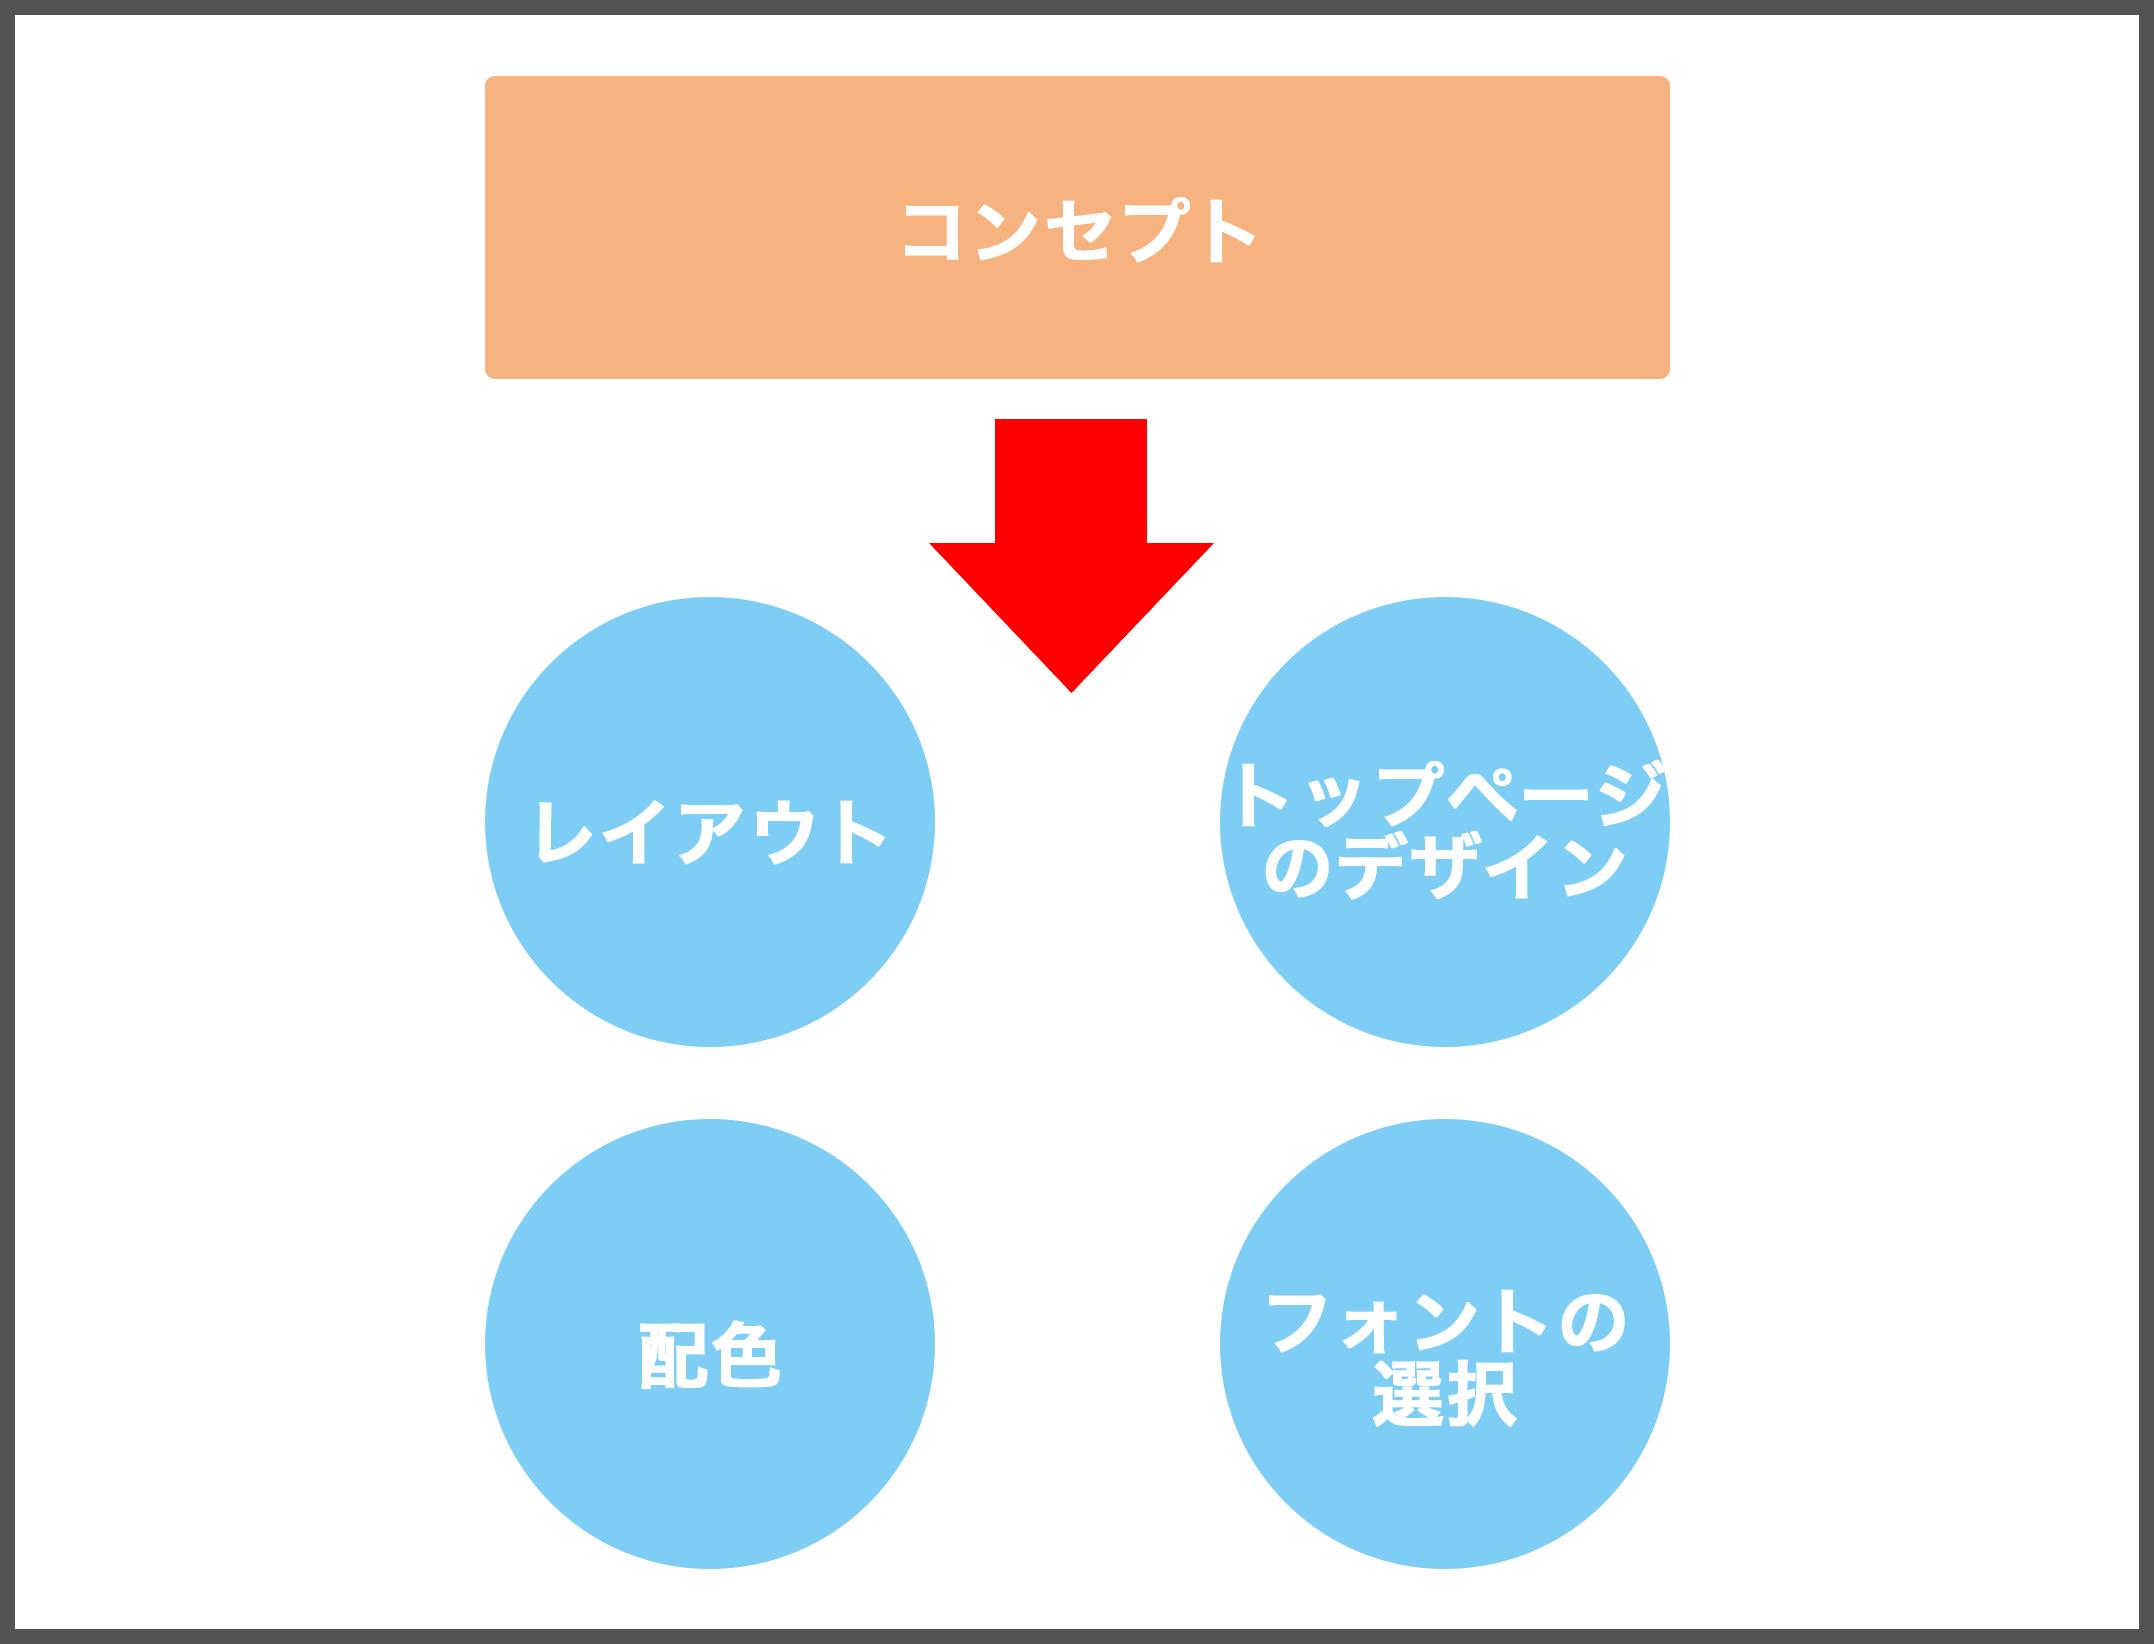 コンセプトをデザインに反映する方法